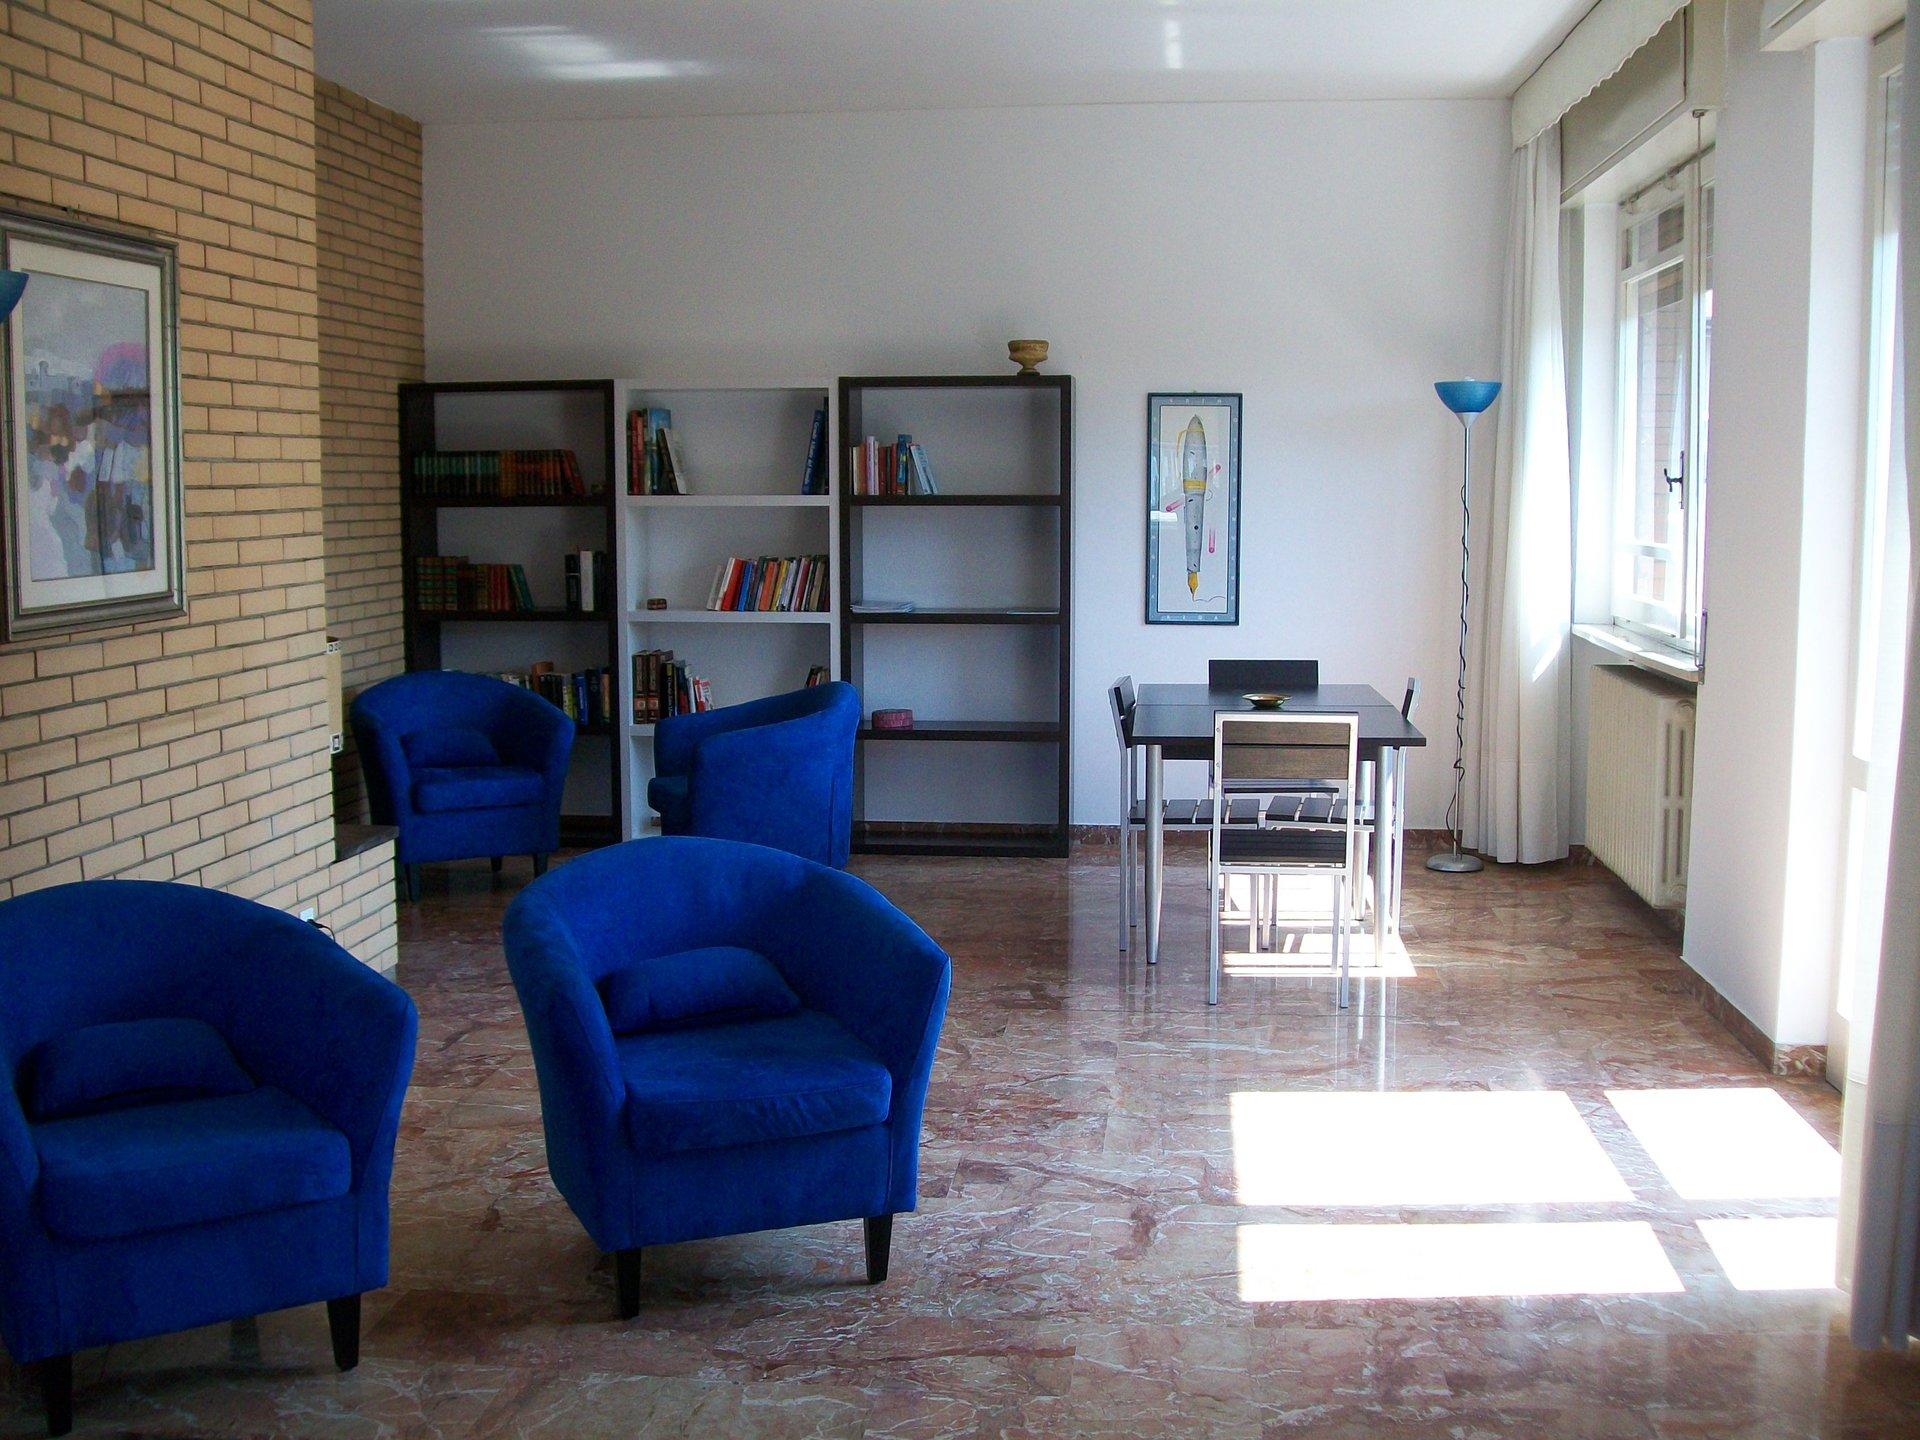 sala comune con poltrone e scaffali